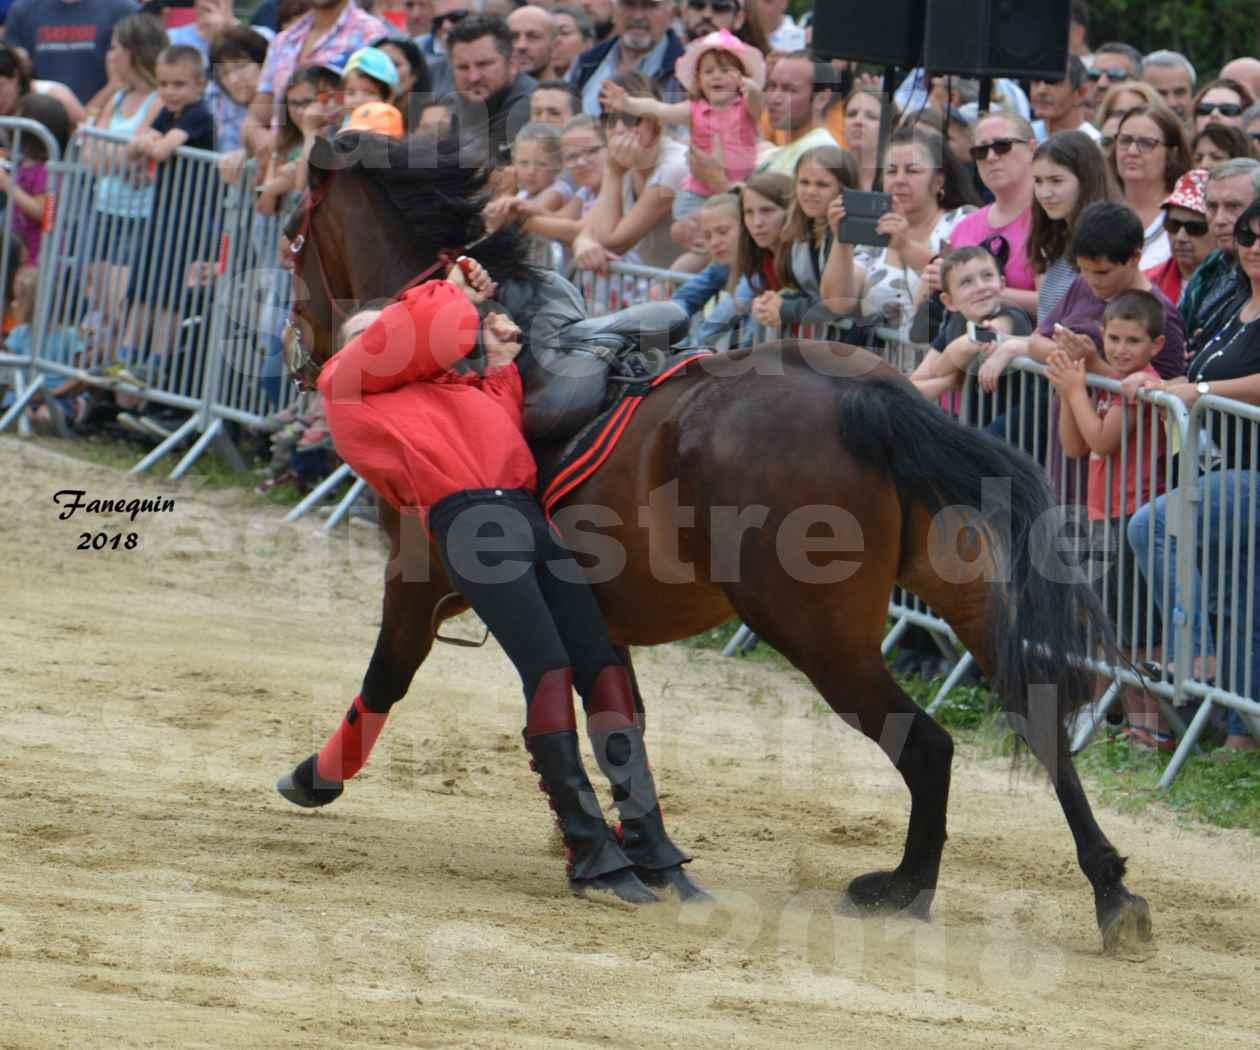 Spectacle Équestre le 3 juin 2018 à Saint Gély du Fesc - Voltige équestre - Troupe de Jean Antoine FIRMIN - 34